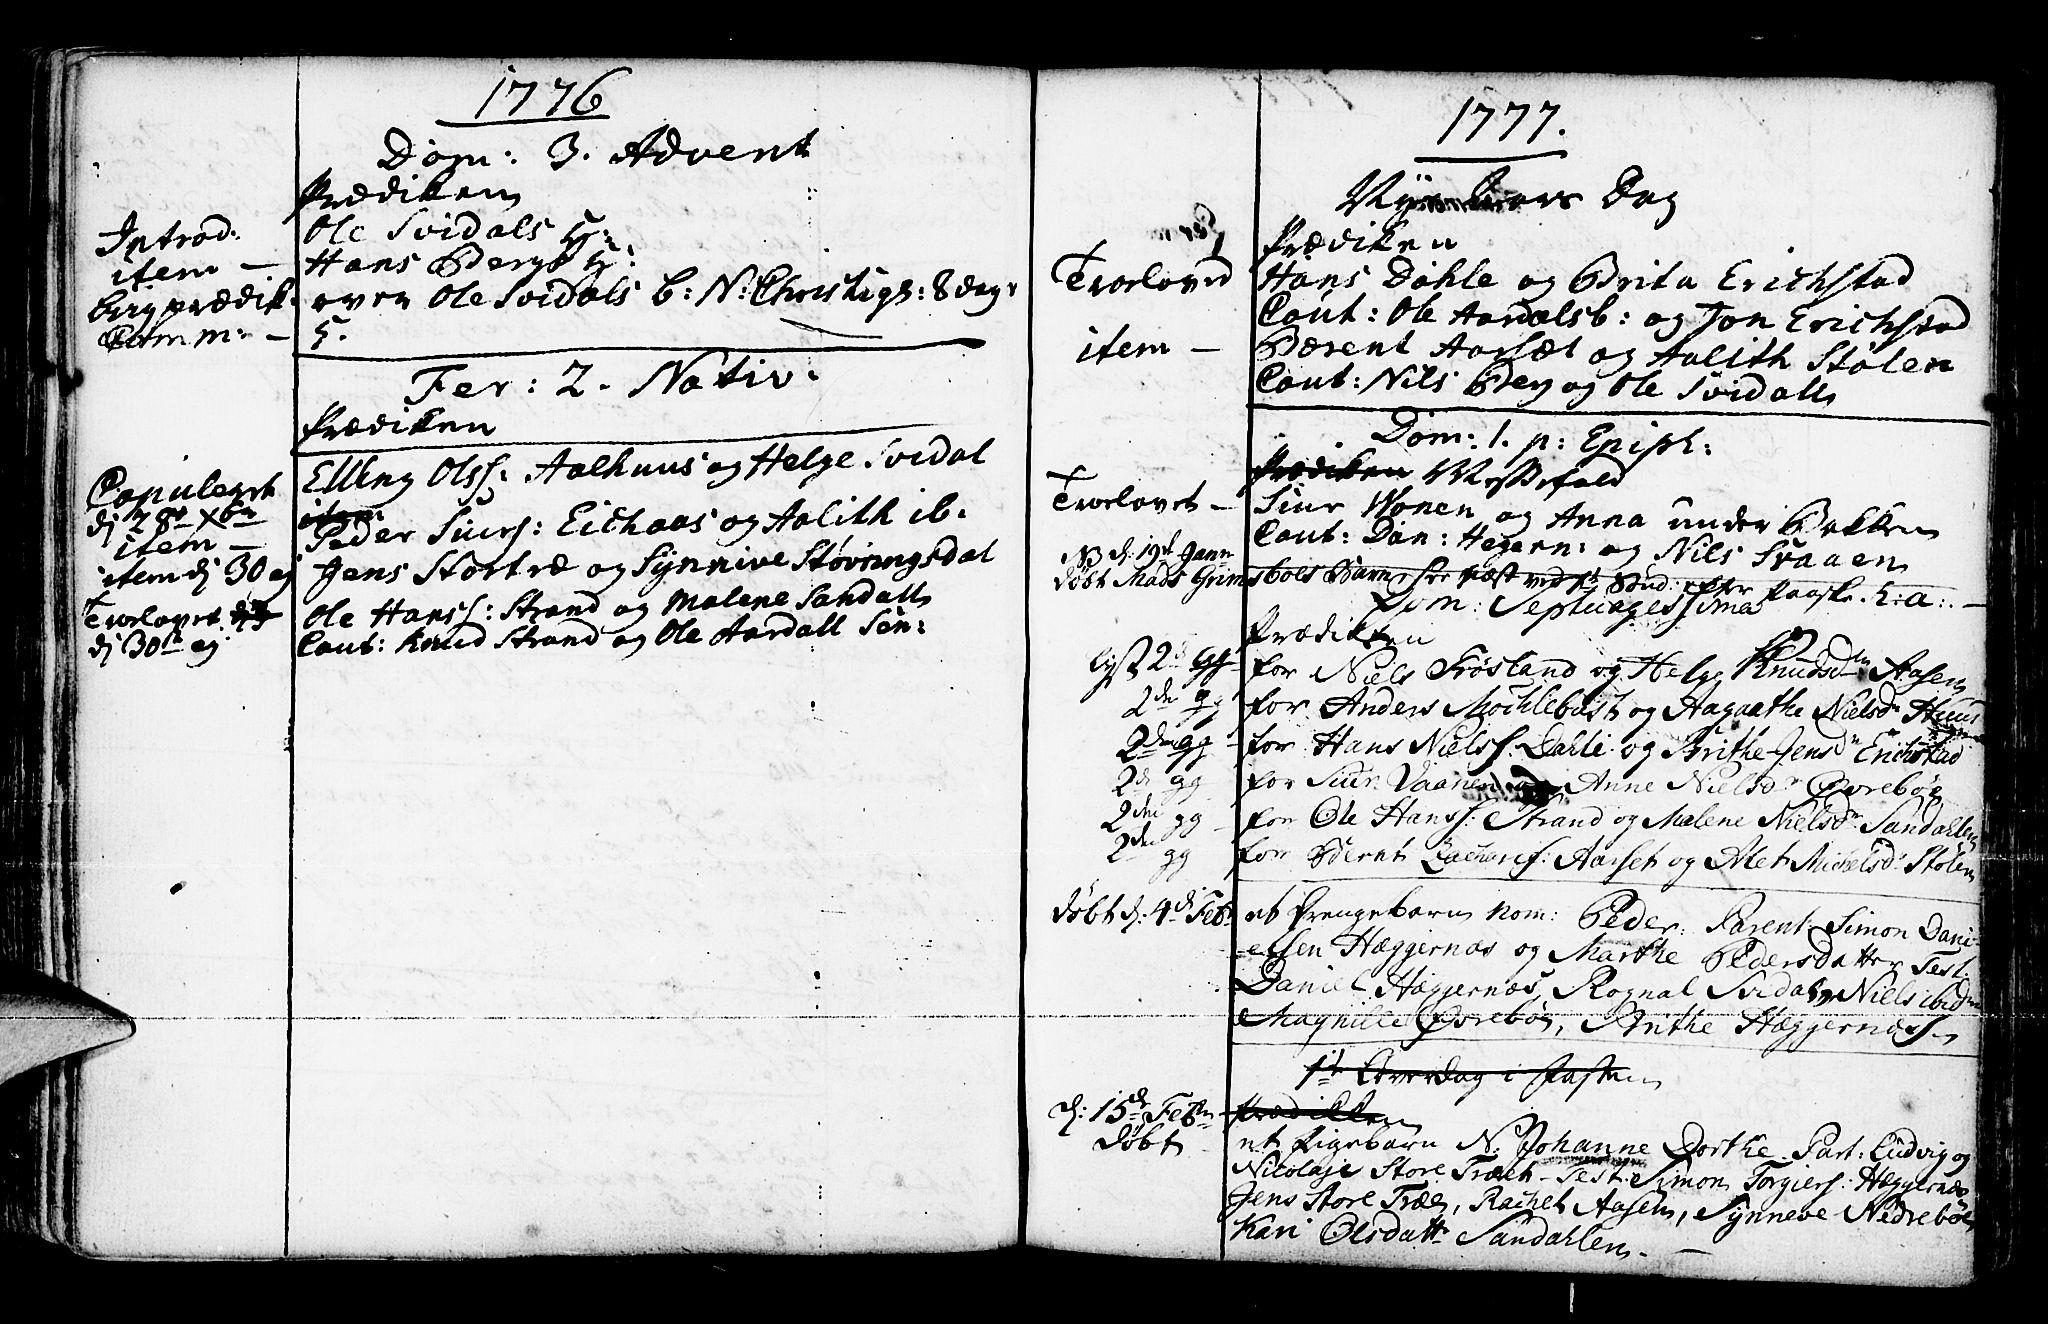 SAB, Jølster Sokneprestembete, Ministerialbok nr. A 3, 1748-1789, s. 154